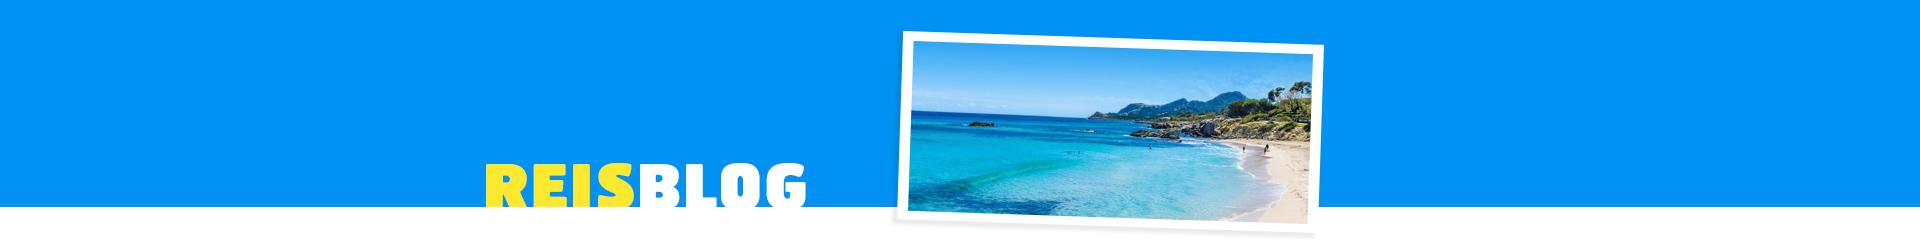 Helderblauwe zee aan de kust van Mallorca